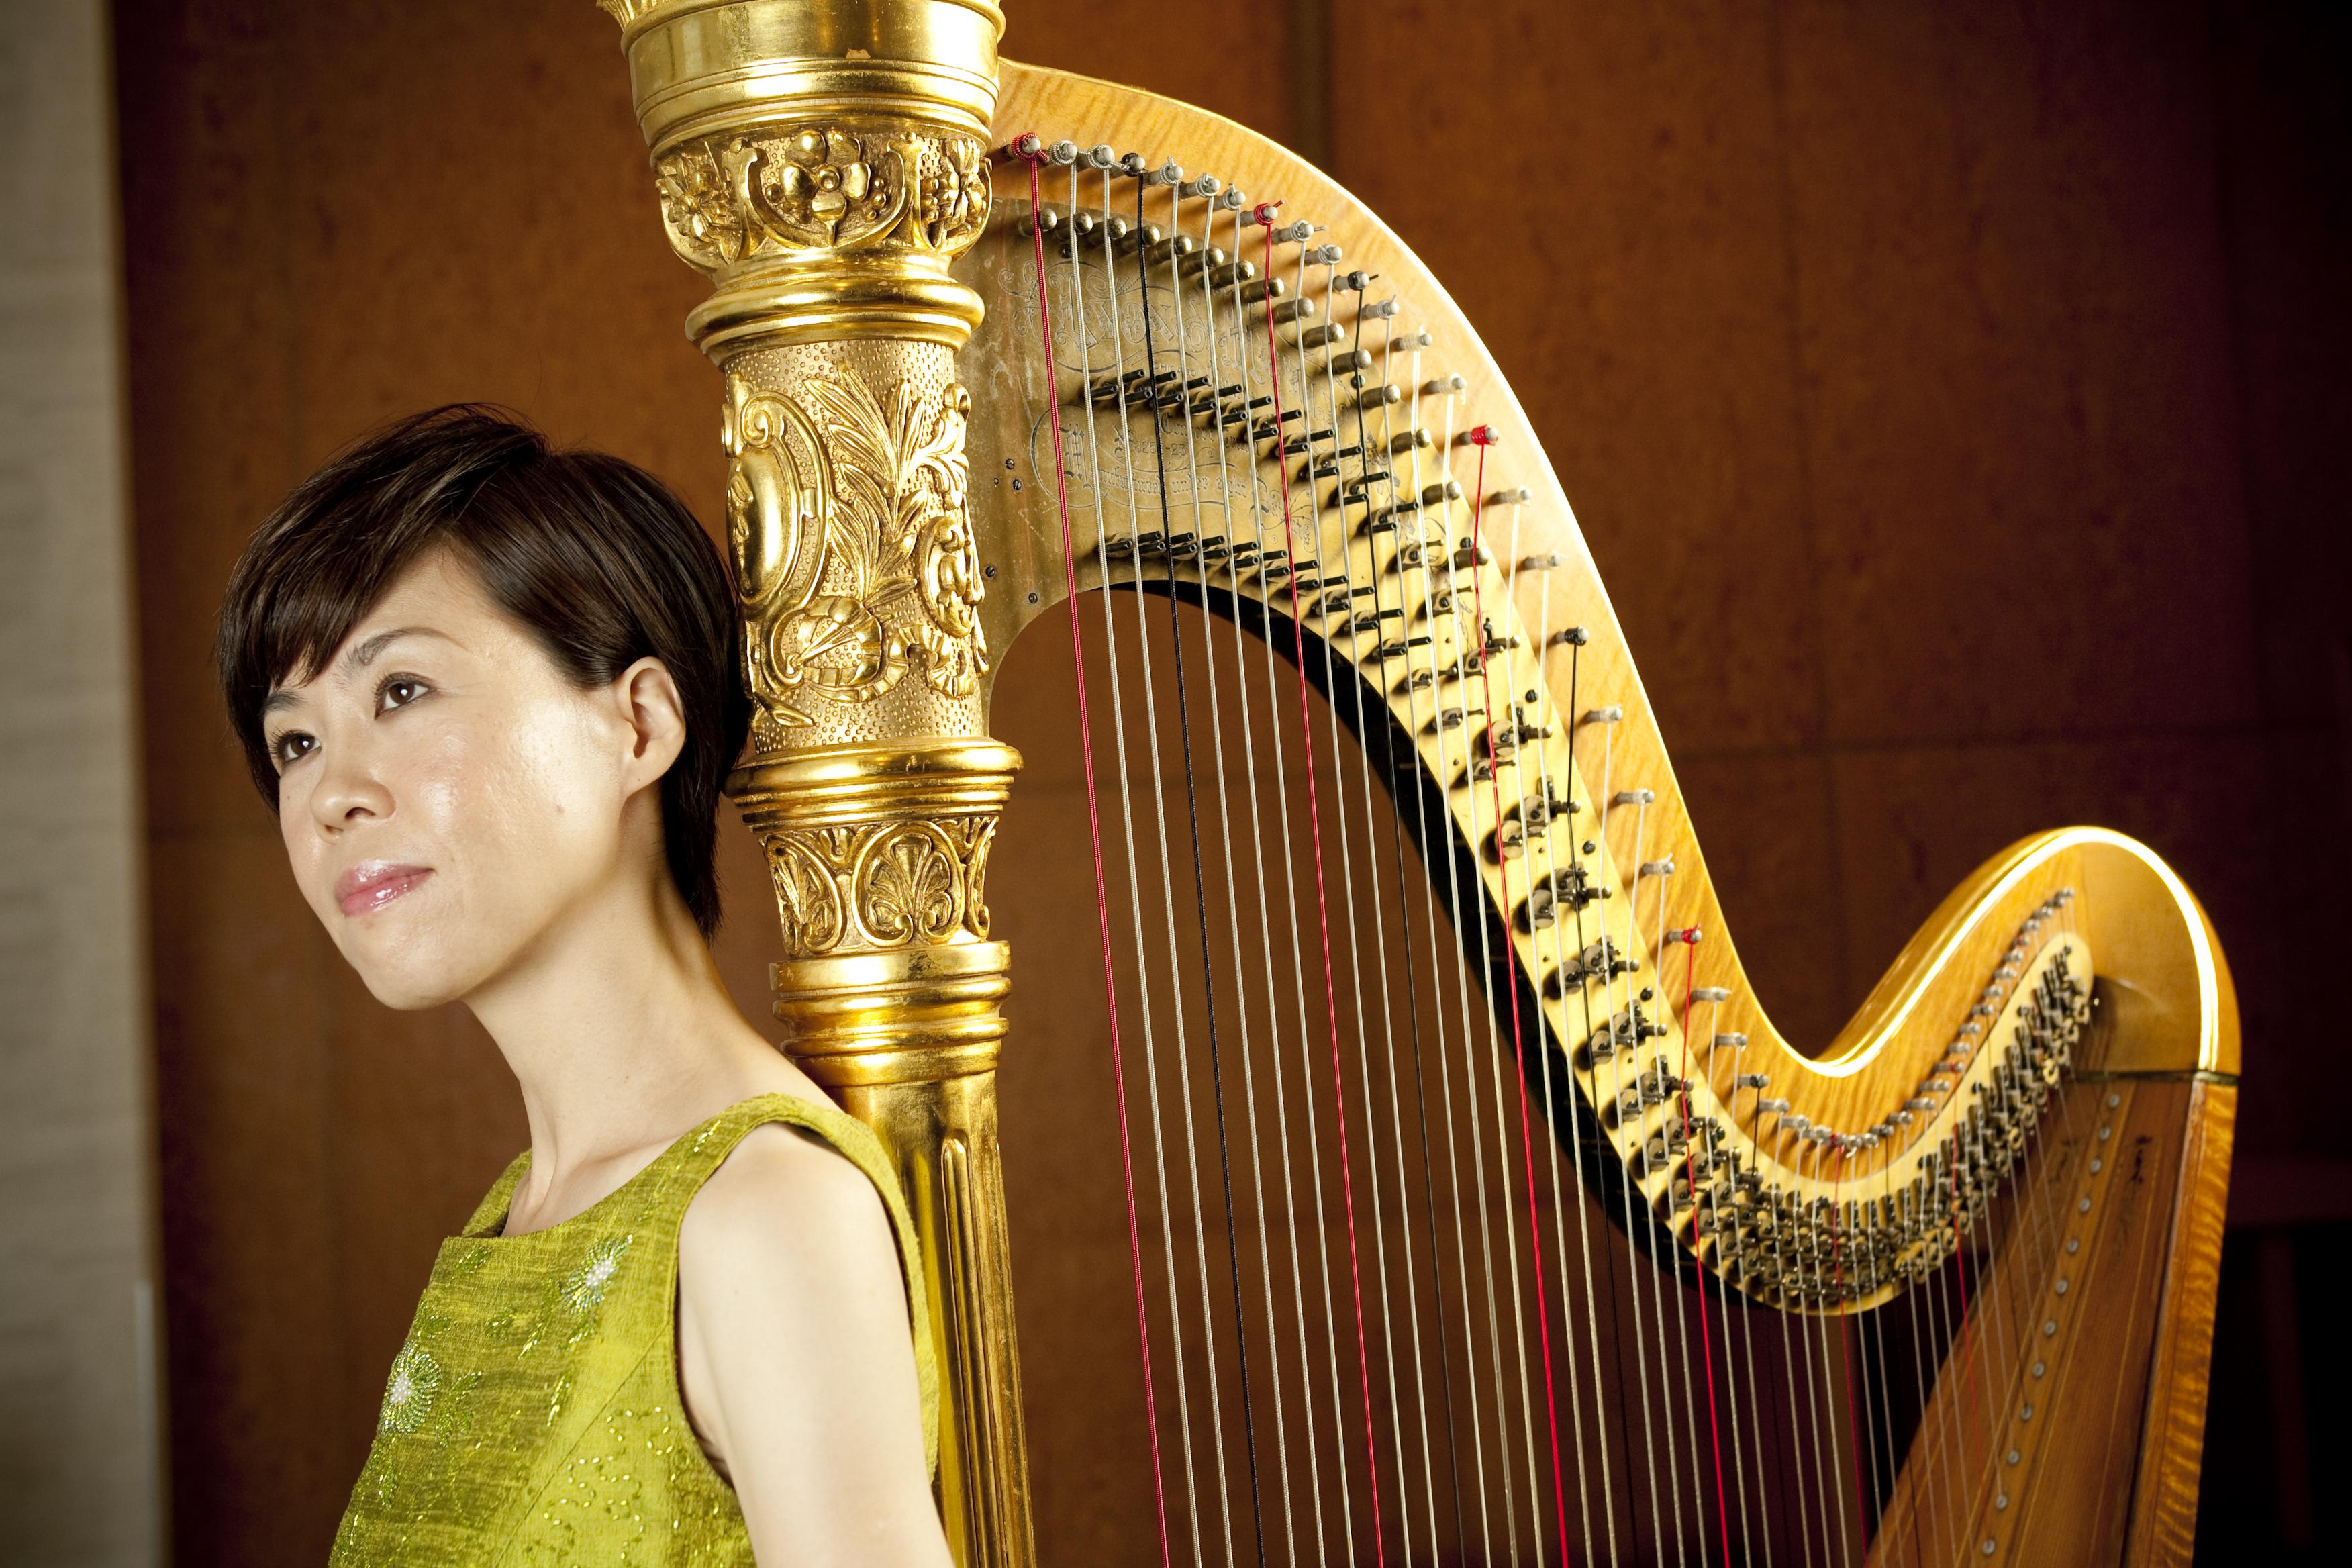 Etsuko SHOJI